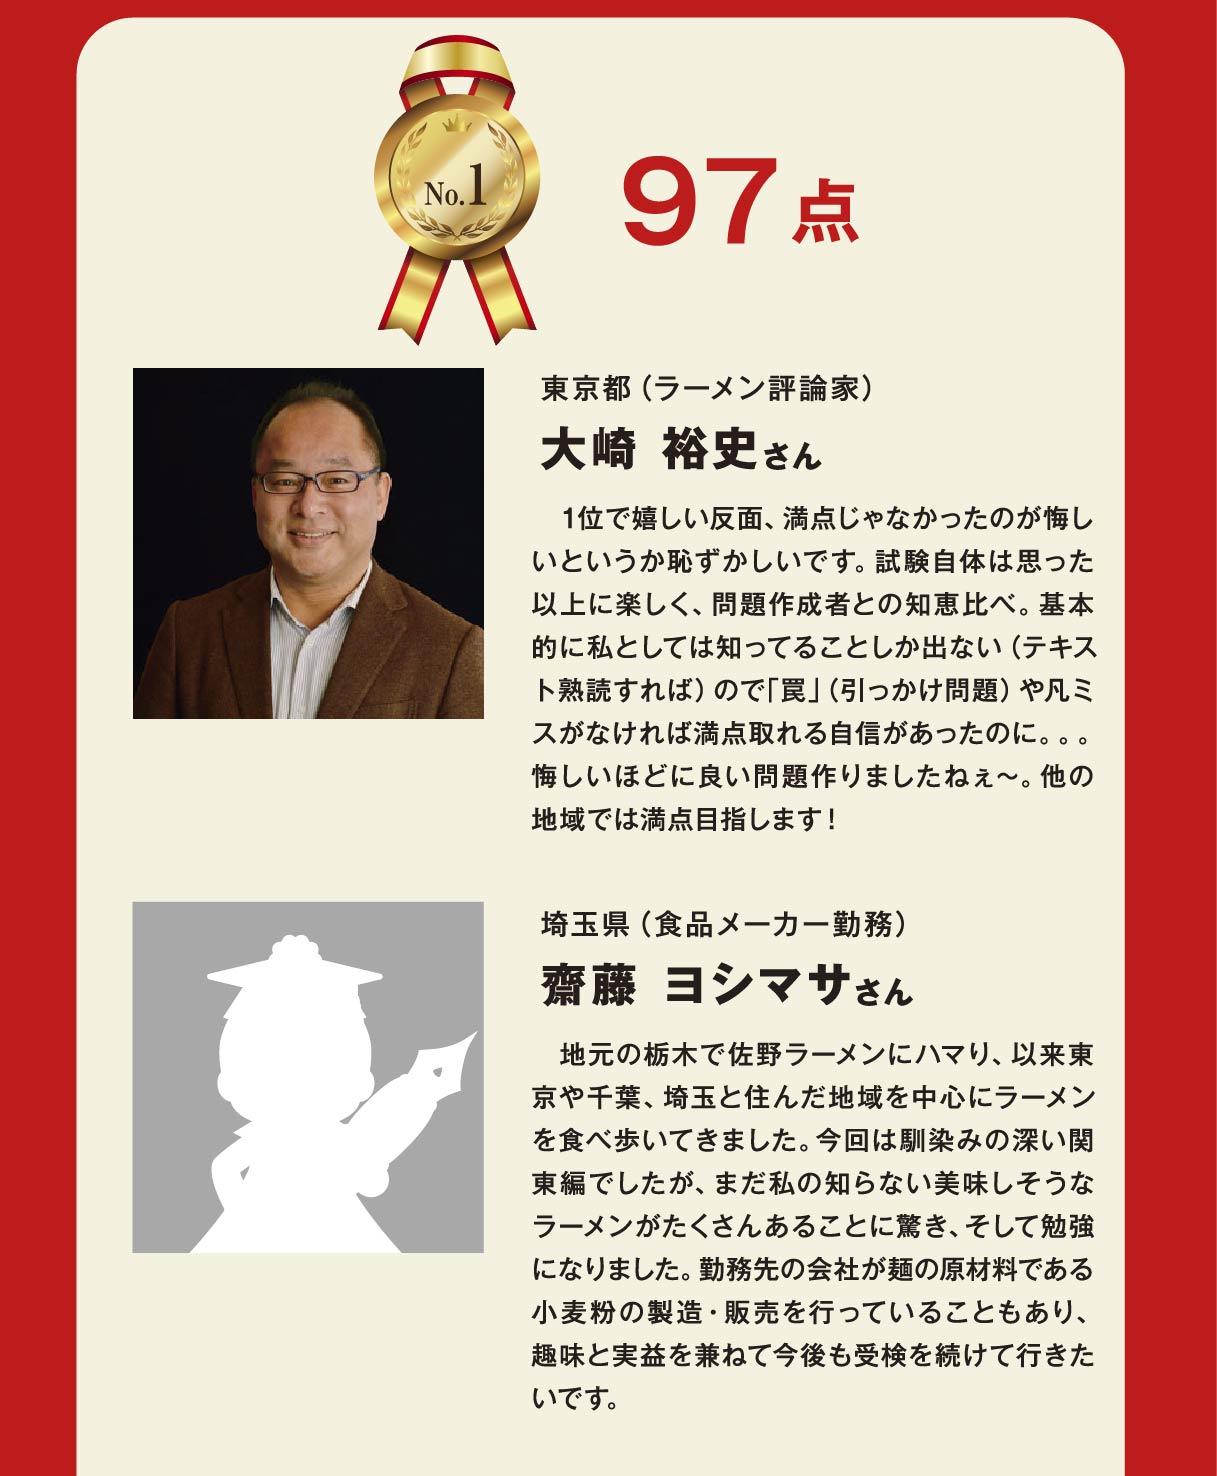 合格ランキング No.1 2019/07/11「日本ラーメン検定」第1回【中級】関東編合格者ランキング 97点 東京都(ラーメン評論家) 大崎 裕史さん 1位で嬉しい反面、満点じゃなかったのが悔しいというか恥ずかしいです。試験自体は思った以上に楽しく、問題作成者との知恵比べ。基本的に私としては知ってることしか出ない(テキスト熟読すれば)ので「罠」(引っかけ問題)や凡ミスがなければ満点取れる自信があったのに...悔しいほどに良い問題作りましたねぇ〜。他の地域では満点目指します! 埼玉県(食品メーカー勤務) 齋藤ヨシマサさん この様な紹介の場をいただき大変光栄です。地元の栃木で佐野ラーメンにハマり、以来東京や千葉、埼玉と住んだ地域を中心にラーメンを食べ歩いてきました。今回は馴染みの深い関東編でしたが、まだ私の知らない美味しそうなラーメンがたくさんあることに驚き、そして勉強になりました。勤務先の会社が麺の原材料である小麦粉の製造・販売を行っていることもあり、趣味と実益を兼ねて今後も受検を続けて行きたいです。